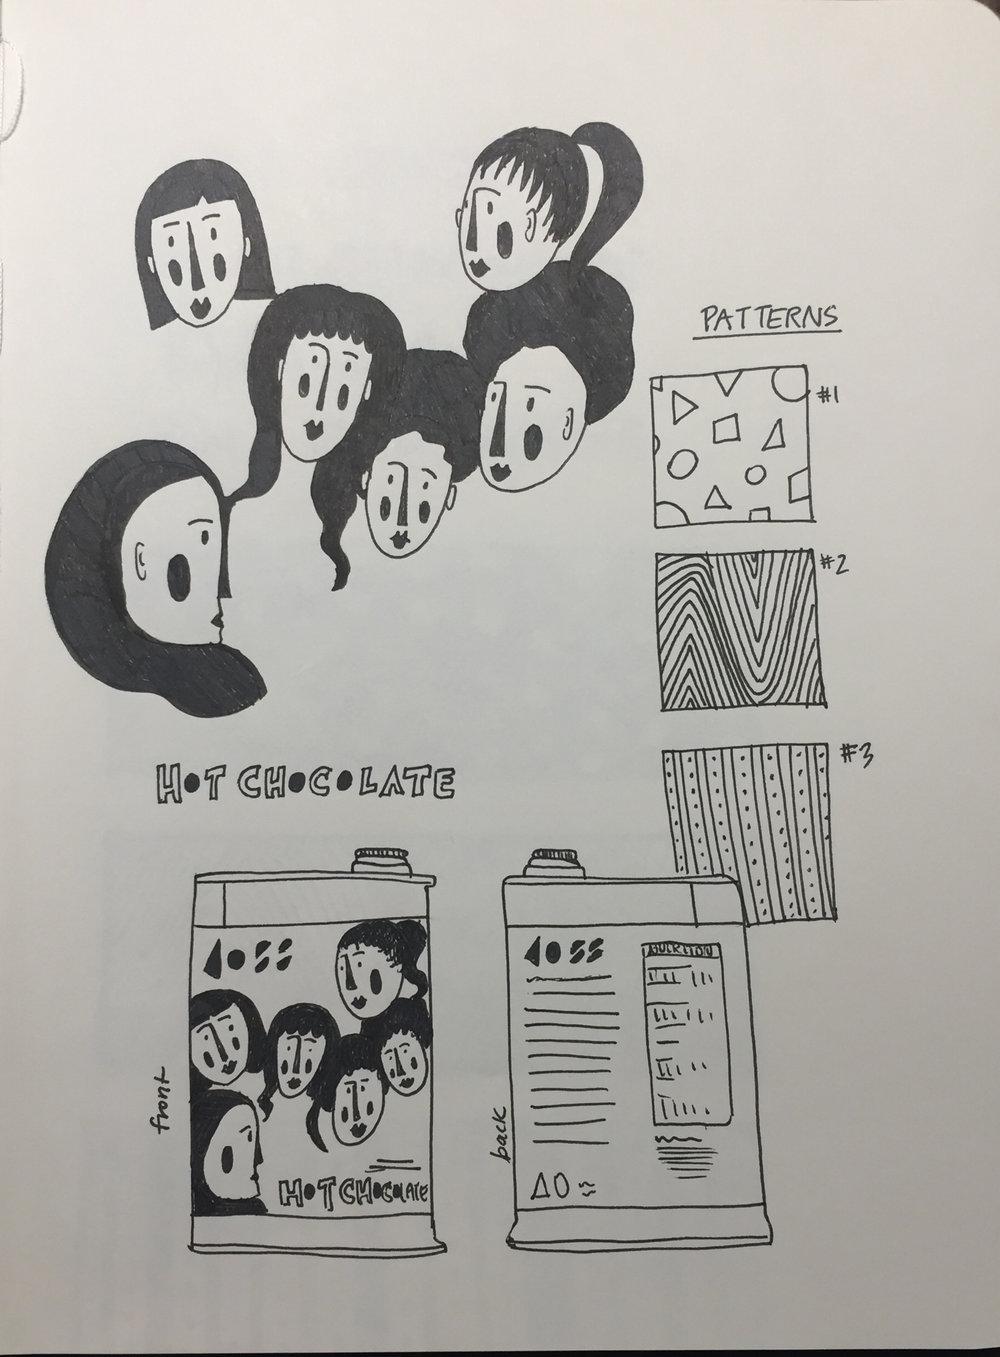 joss ideation #6.jpg